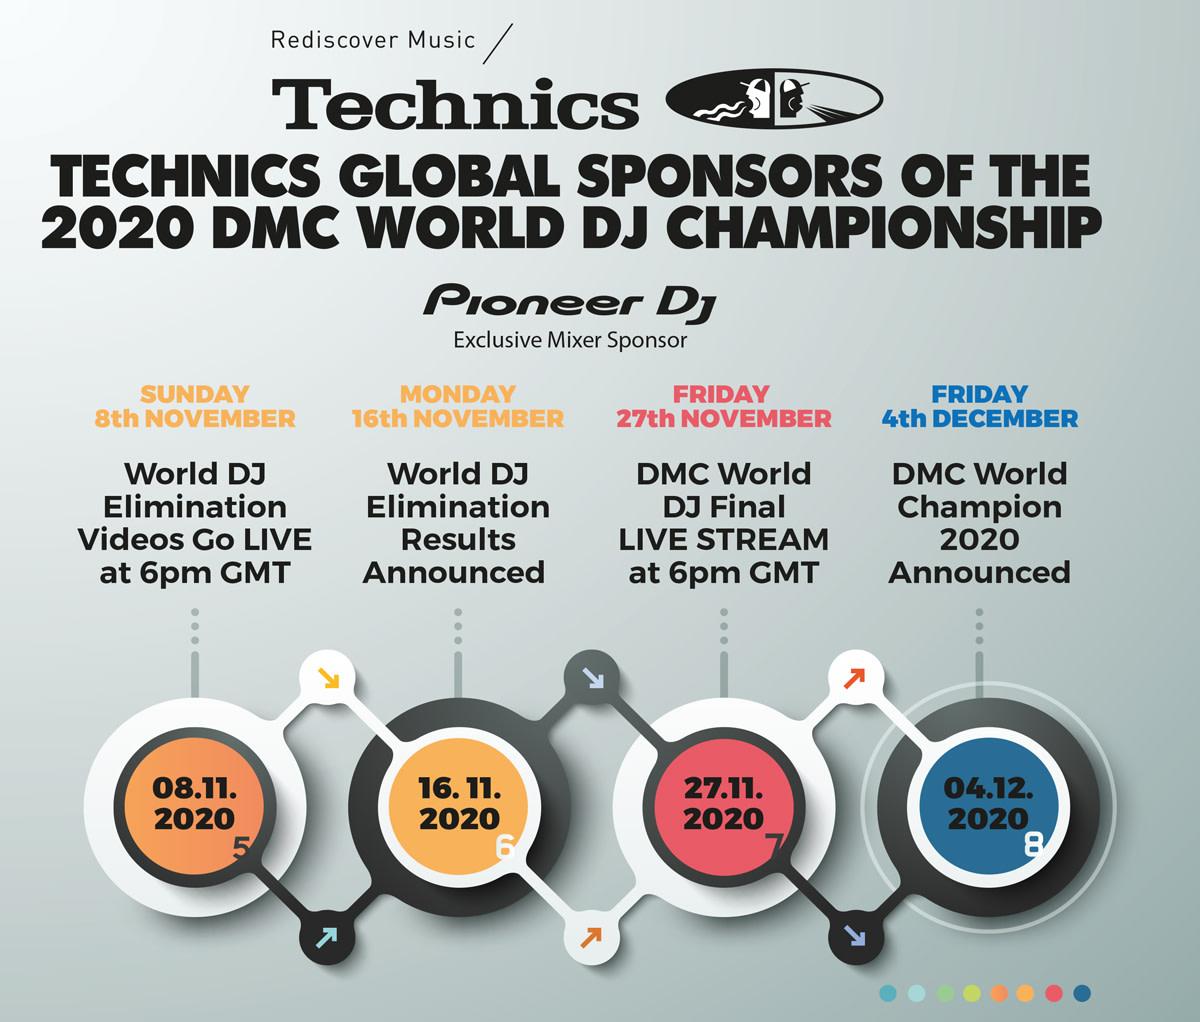 DMC World Championship Schedule